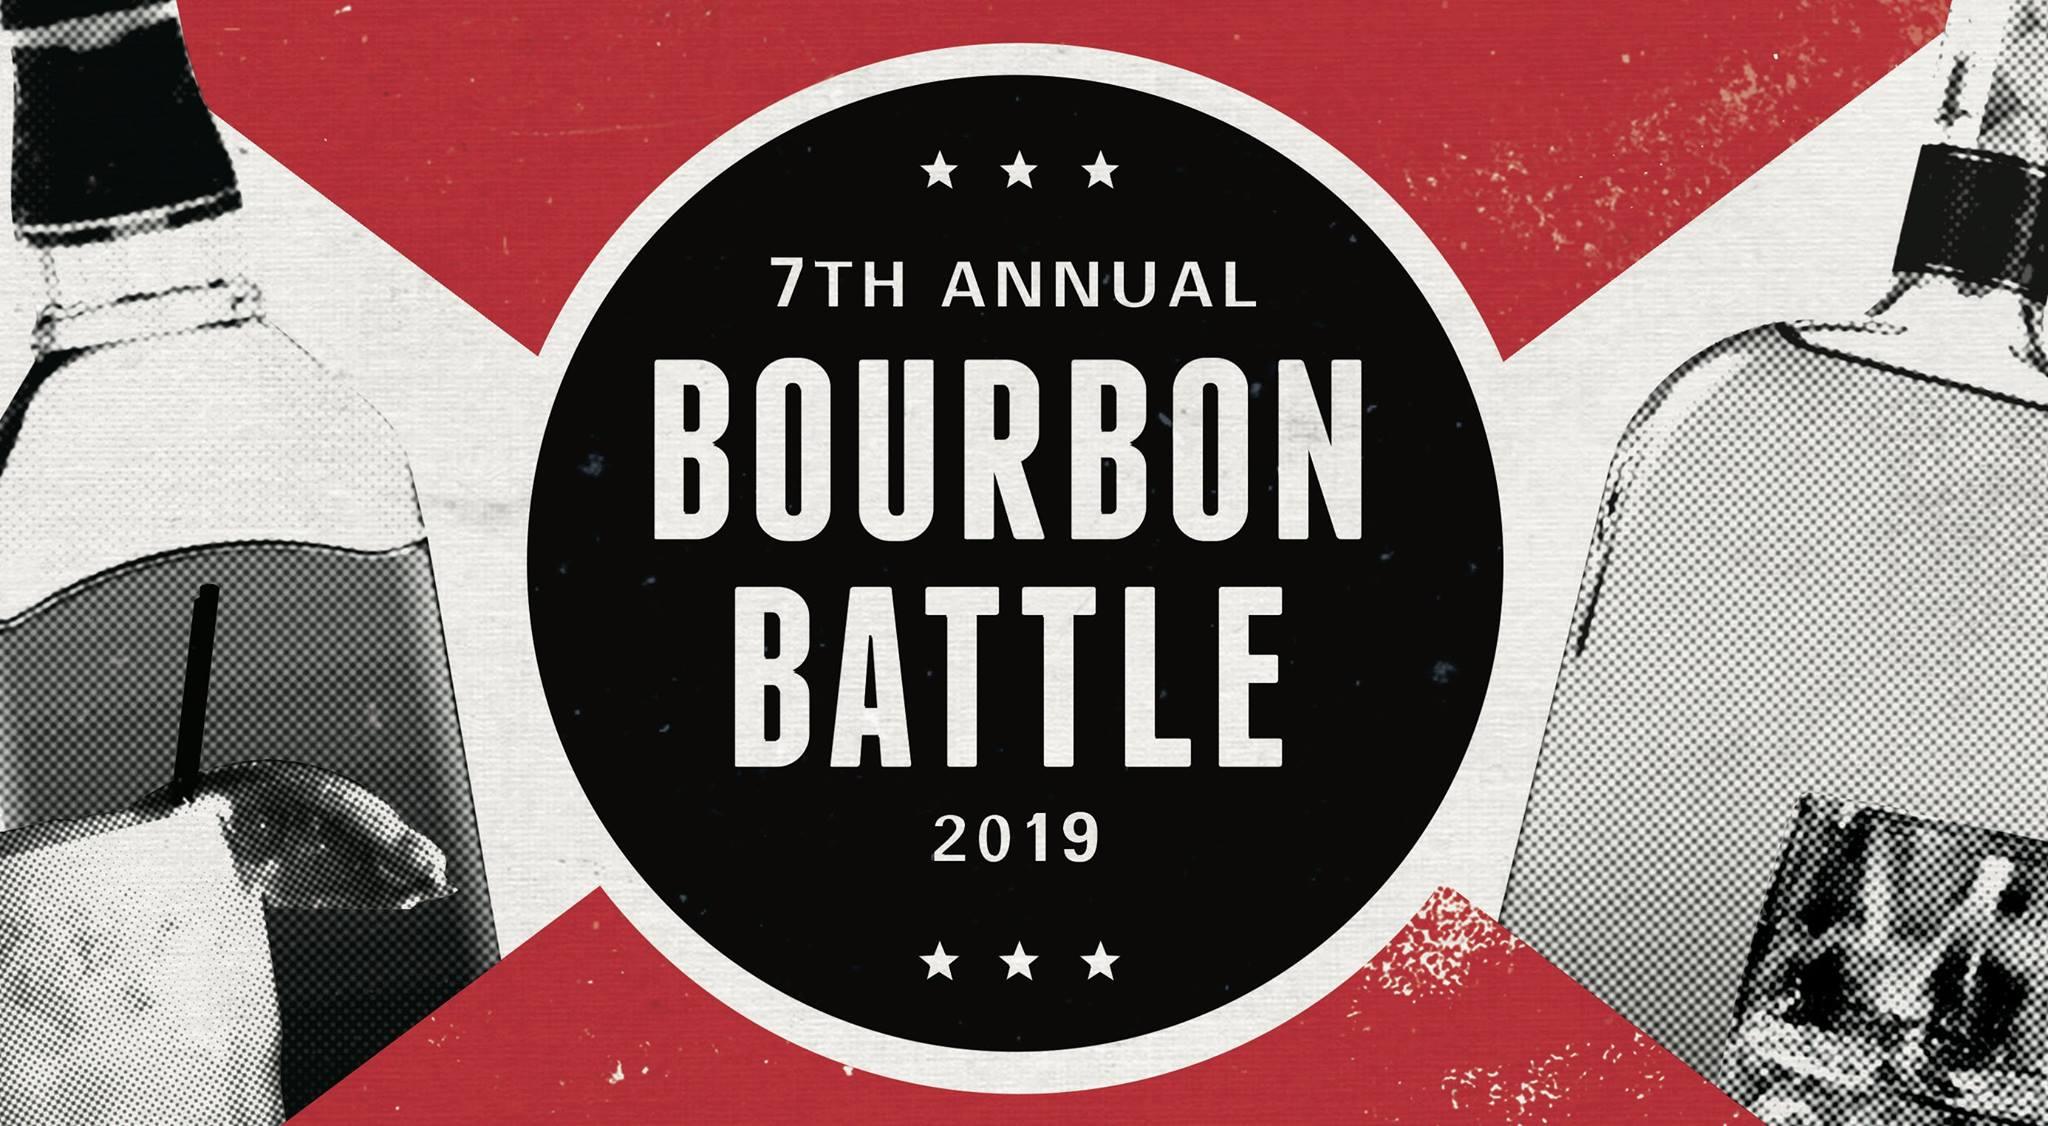 bourbon battle.jpg